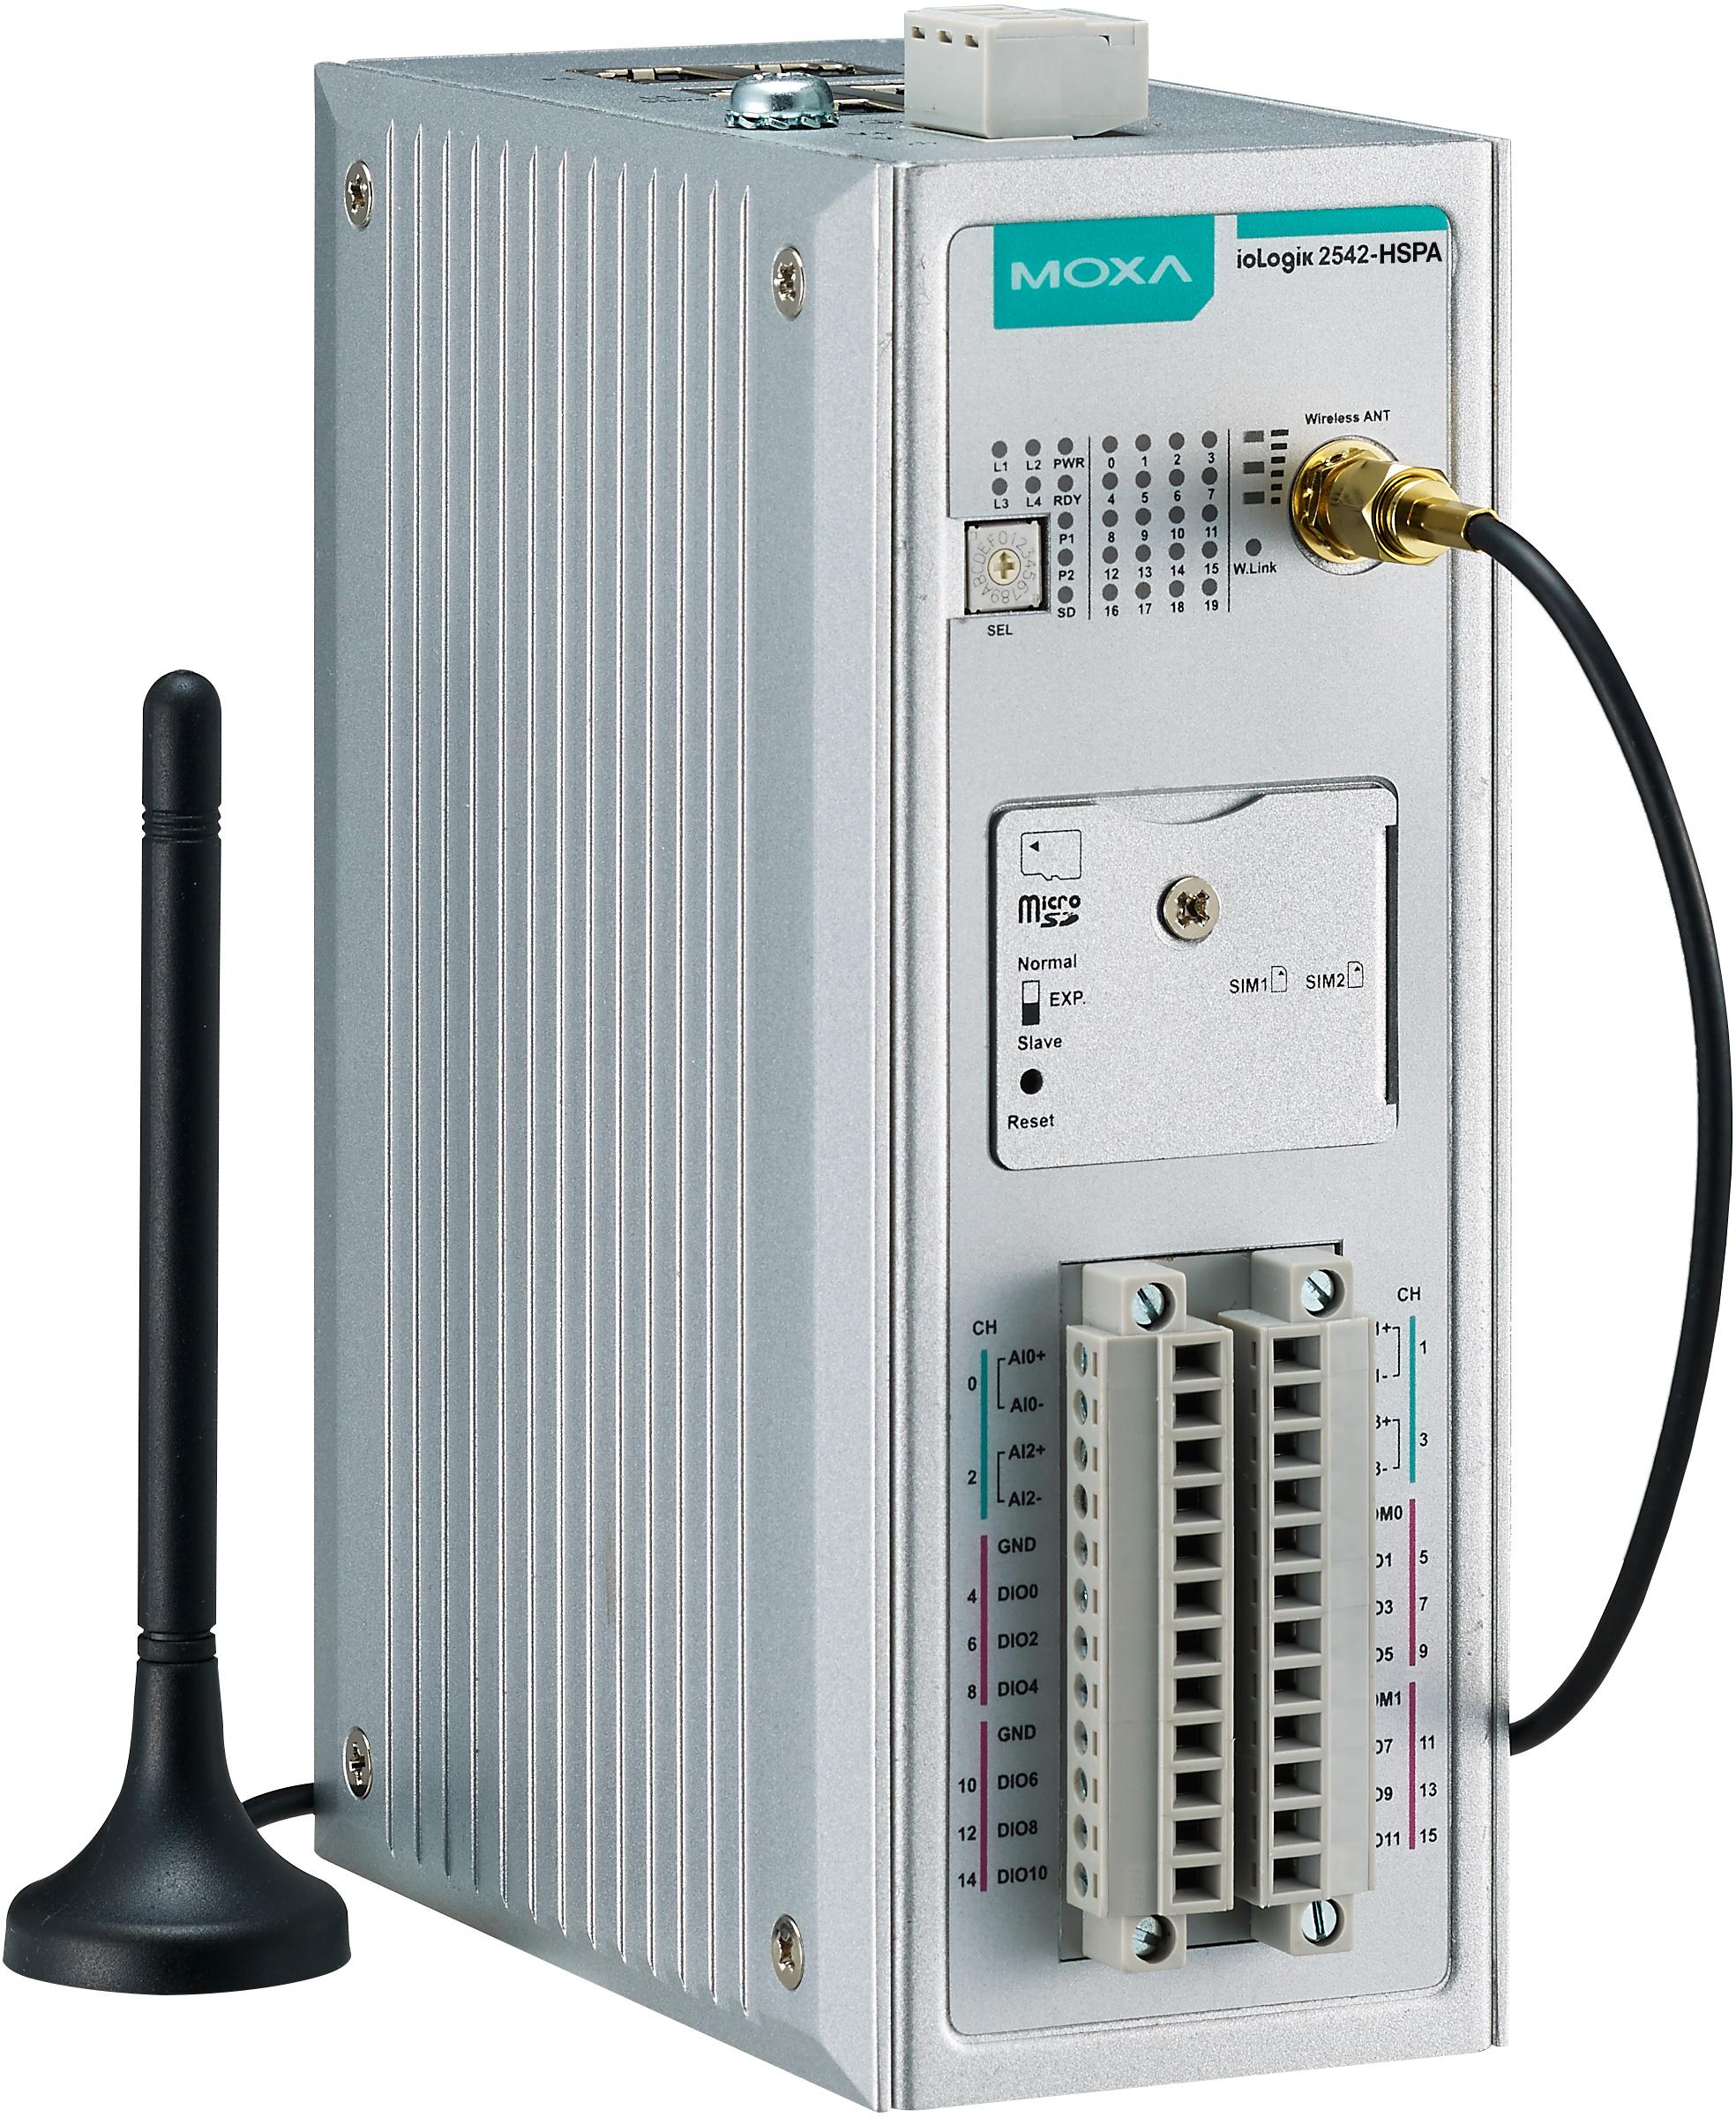 MOXA ioLogik 2542-HSPA